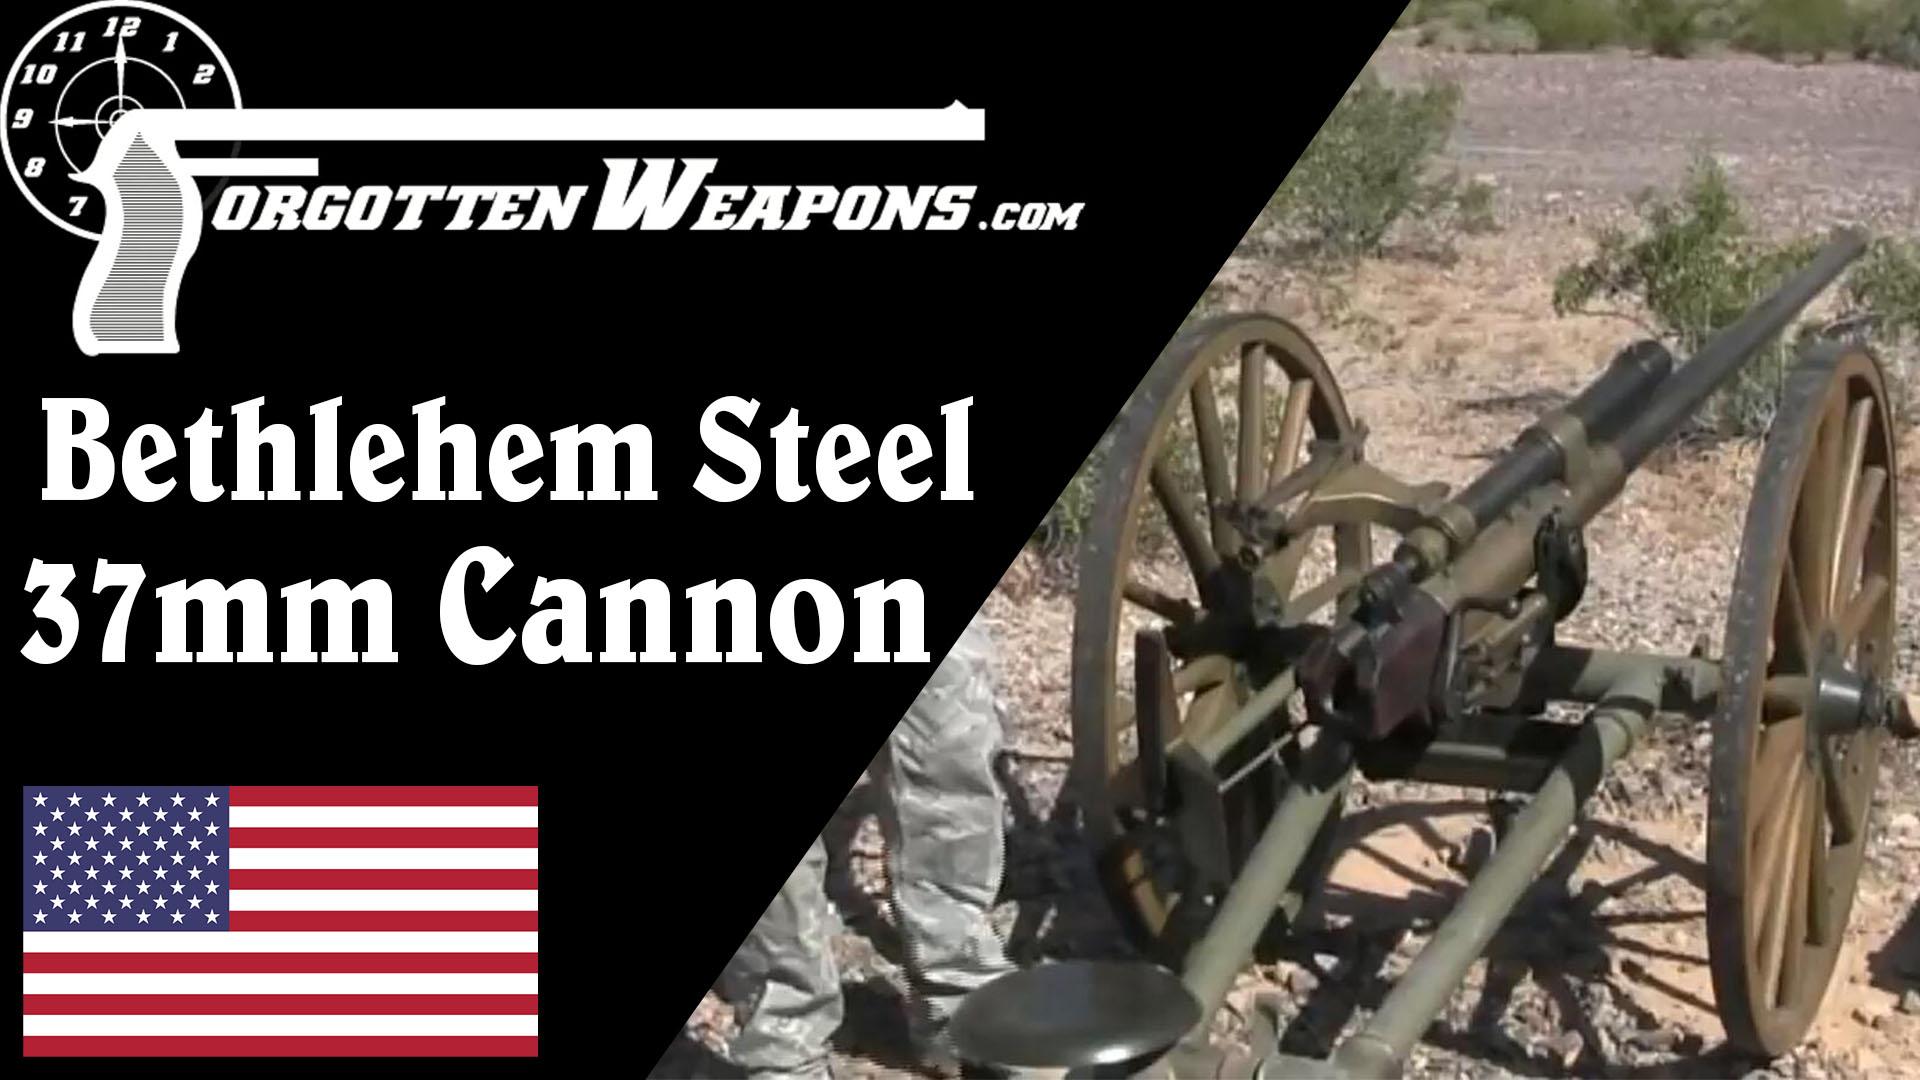 【被遗忘的武器/双语】才自清明运偏消--伯利恒钢铁公司37mm平射炮介绍